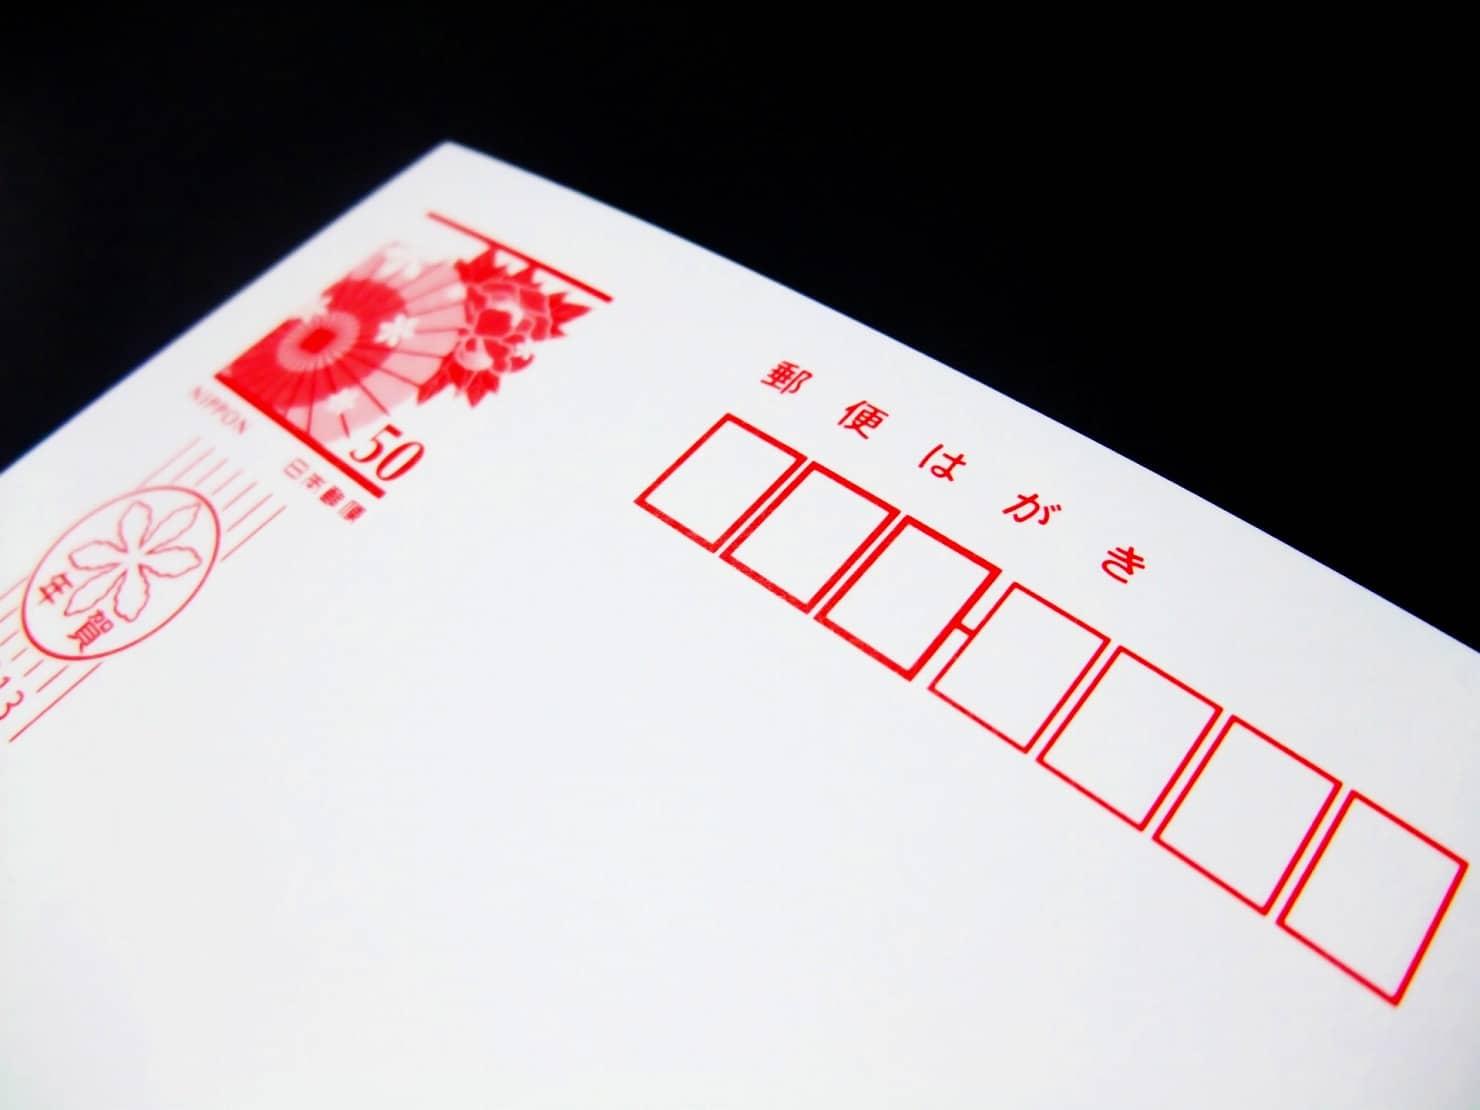 【2020年】年賀状の作成、印刷はセブンイレブンがおすすめ! 忙しいママに人気な理由とは?